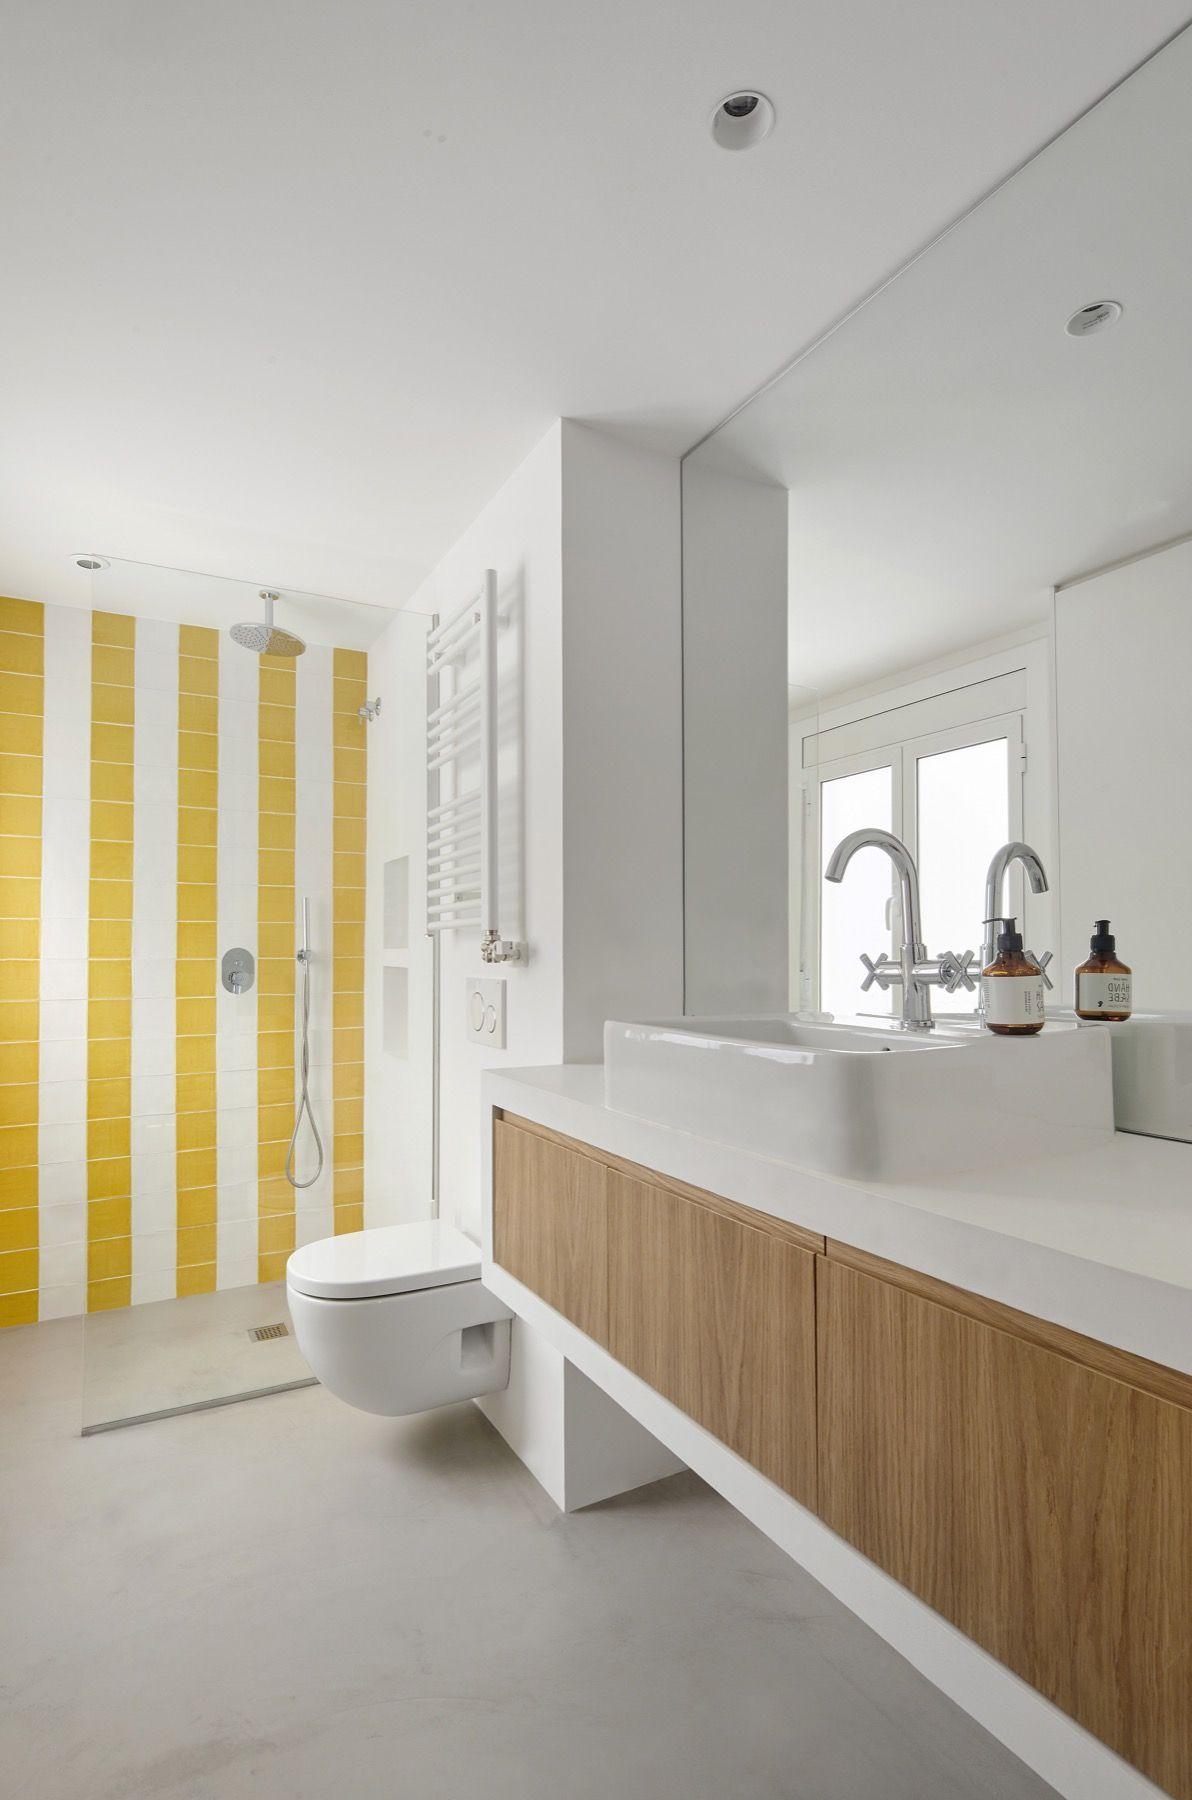 Foto 55 de Decoración y diseño en Barcelona | Interiorismo Miriam Barrio